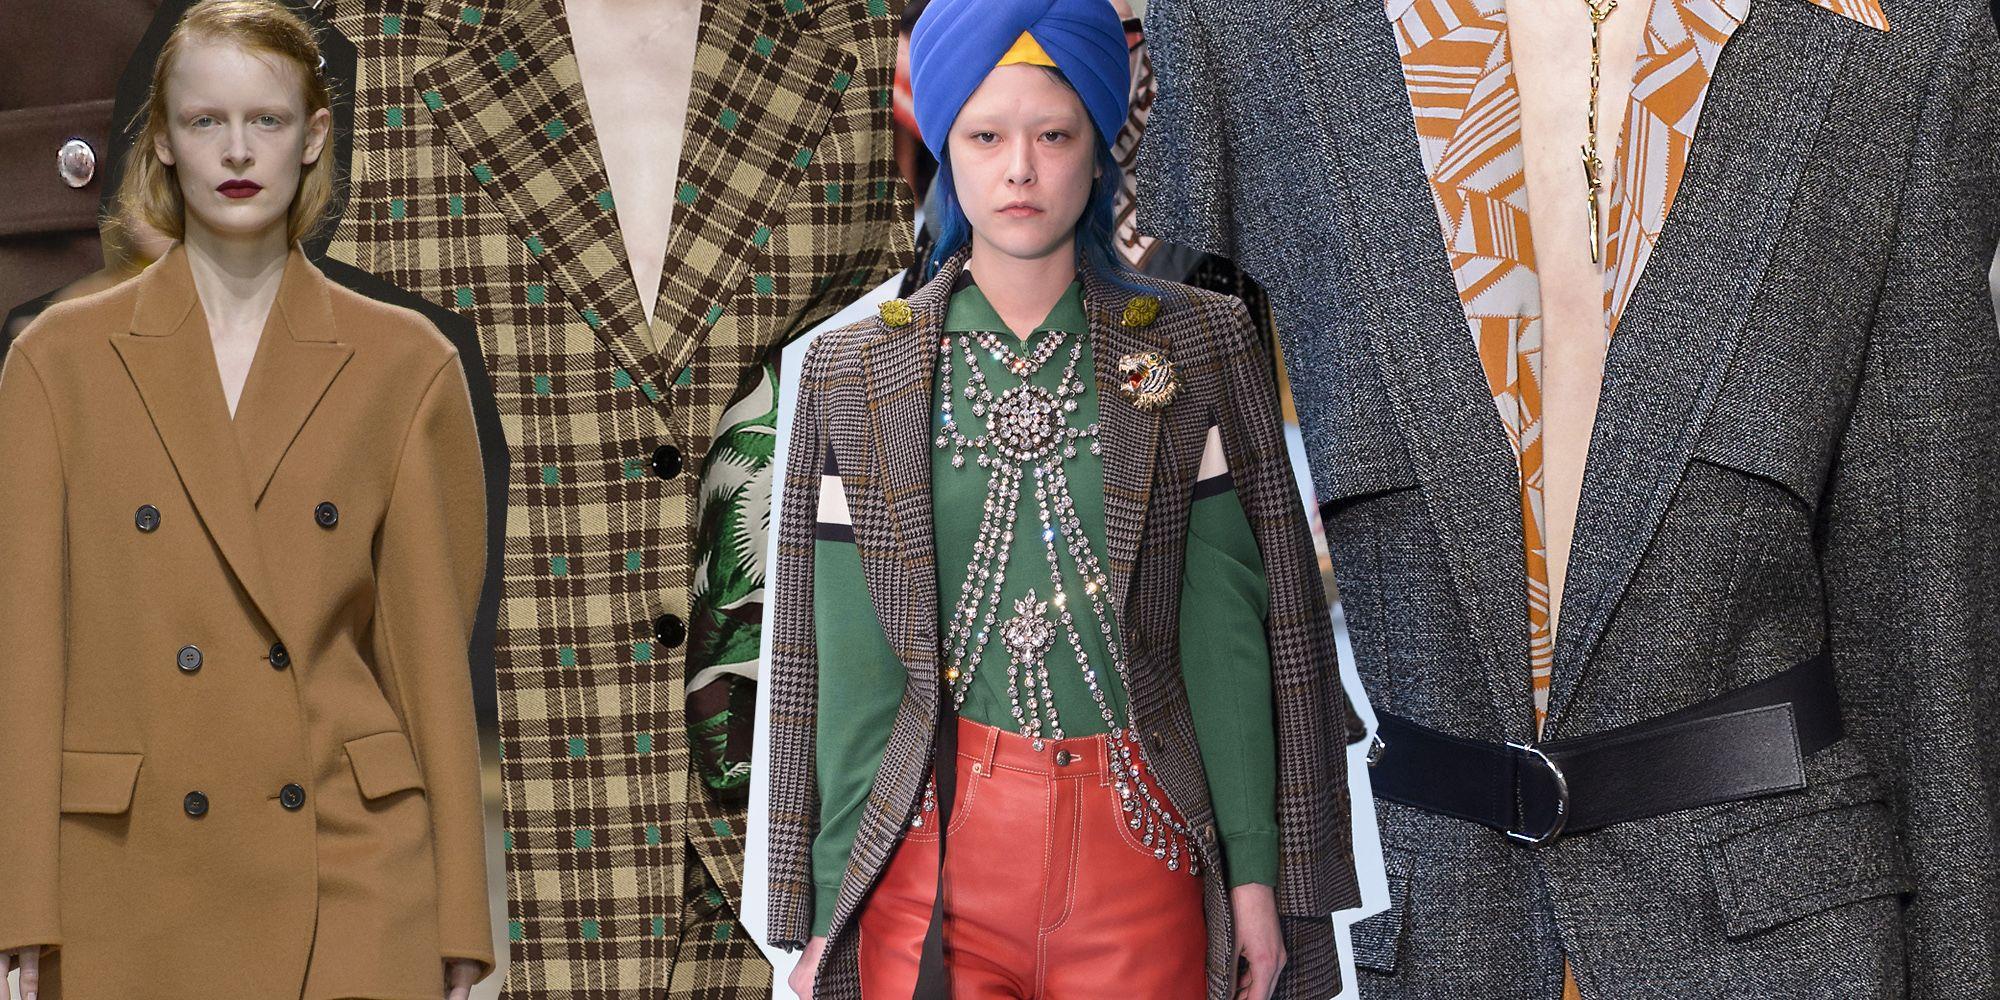 Giacche da donna: 25 modelli eleganti di giacche autunno